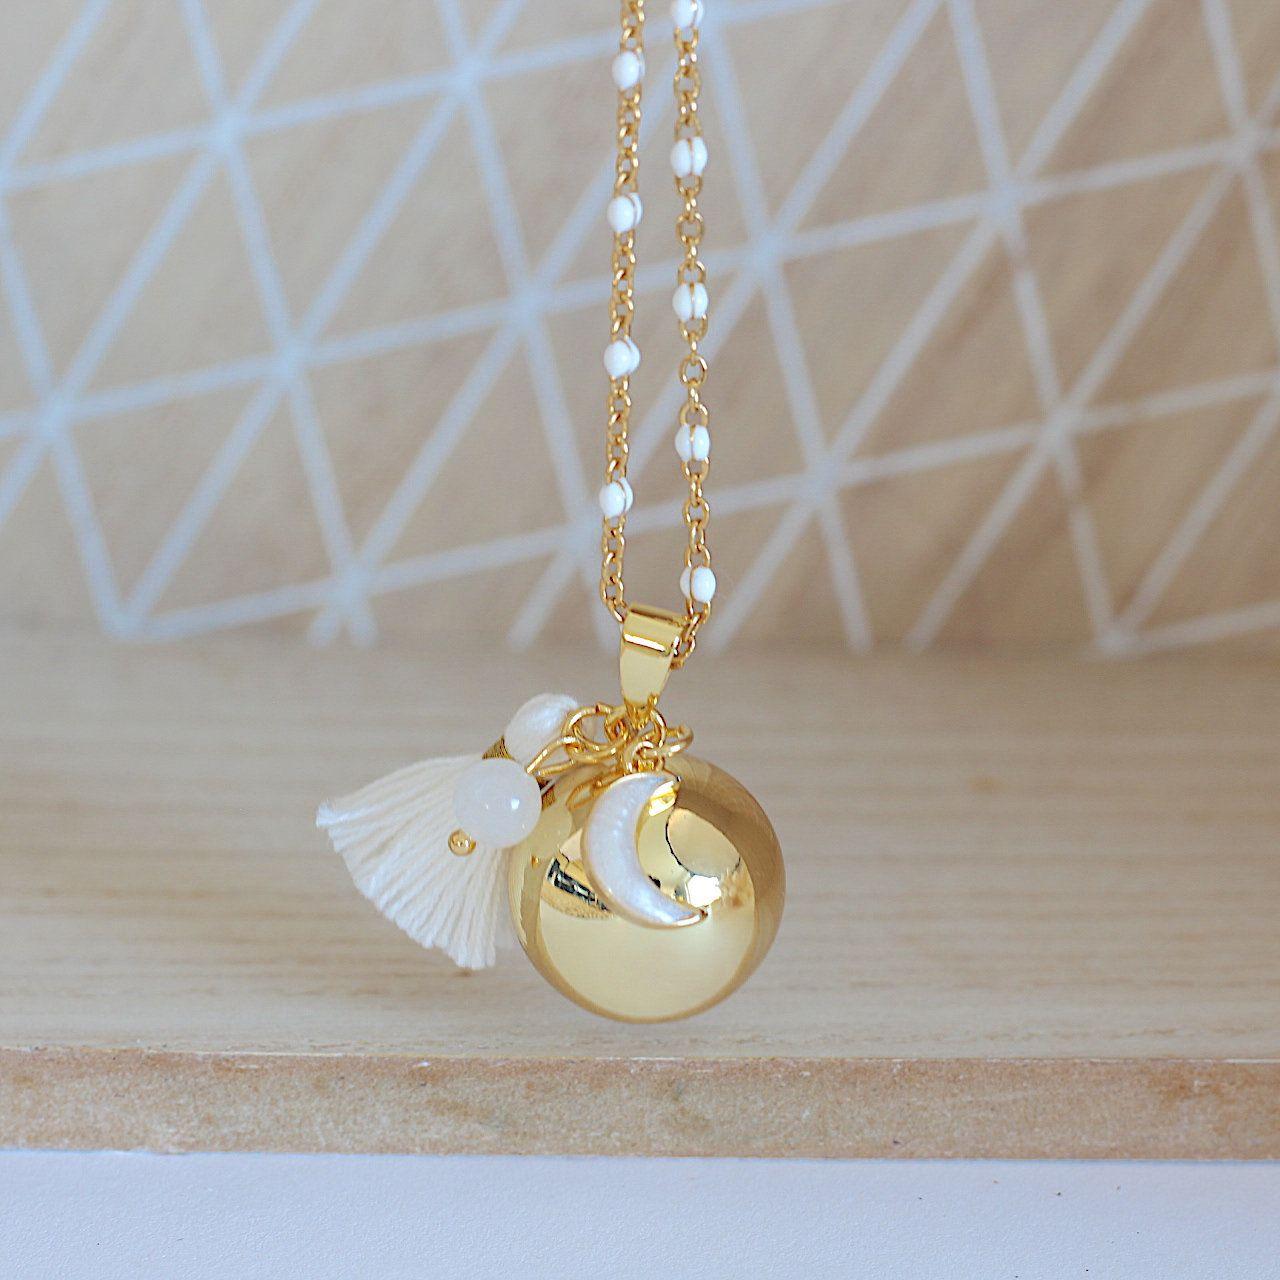 Mère De Perles Blanc Avec Trèfle Blanc et plaqué or 18k sur Stainless Steal